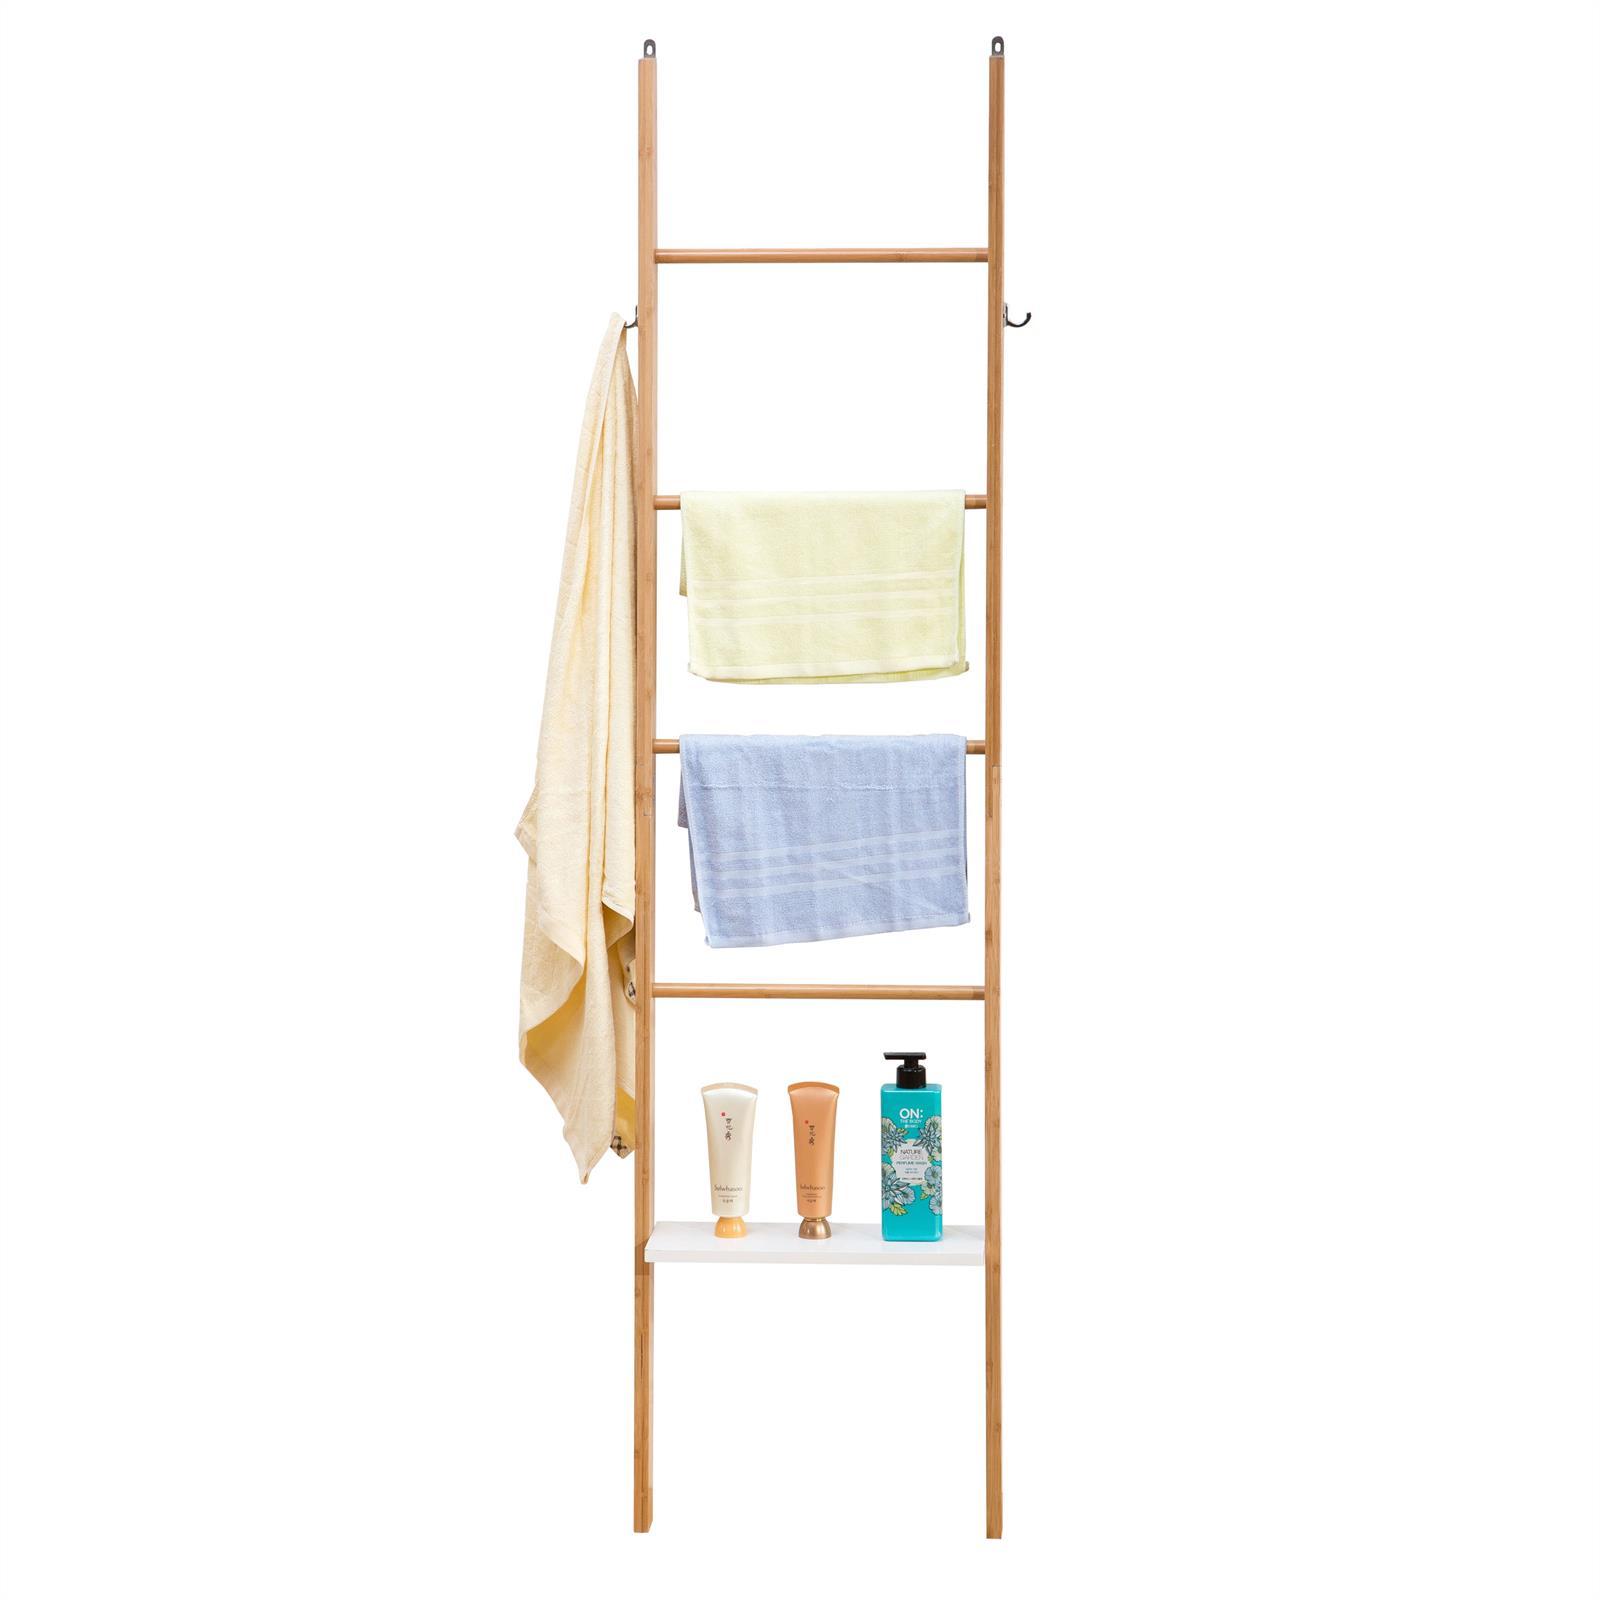 etag re chelle de salle de bain melbourne en bambou. Black Bedroom Furniture Sets. Home Design Ideas